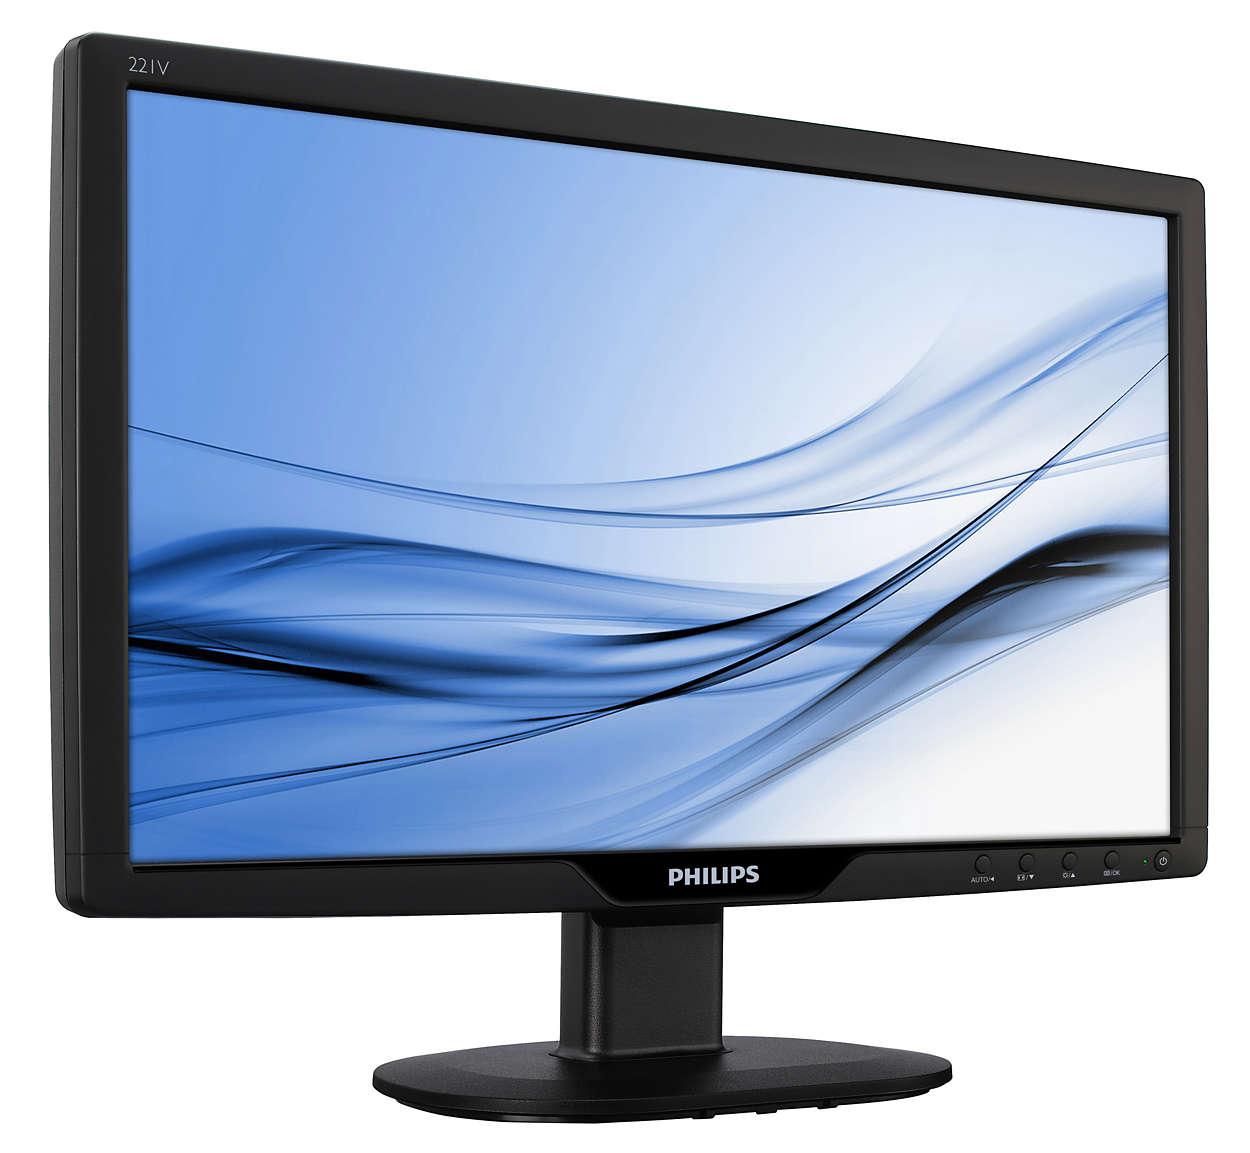 Monitor panorâmico com boa relação qualidade/preço